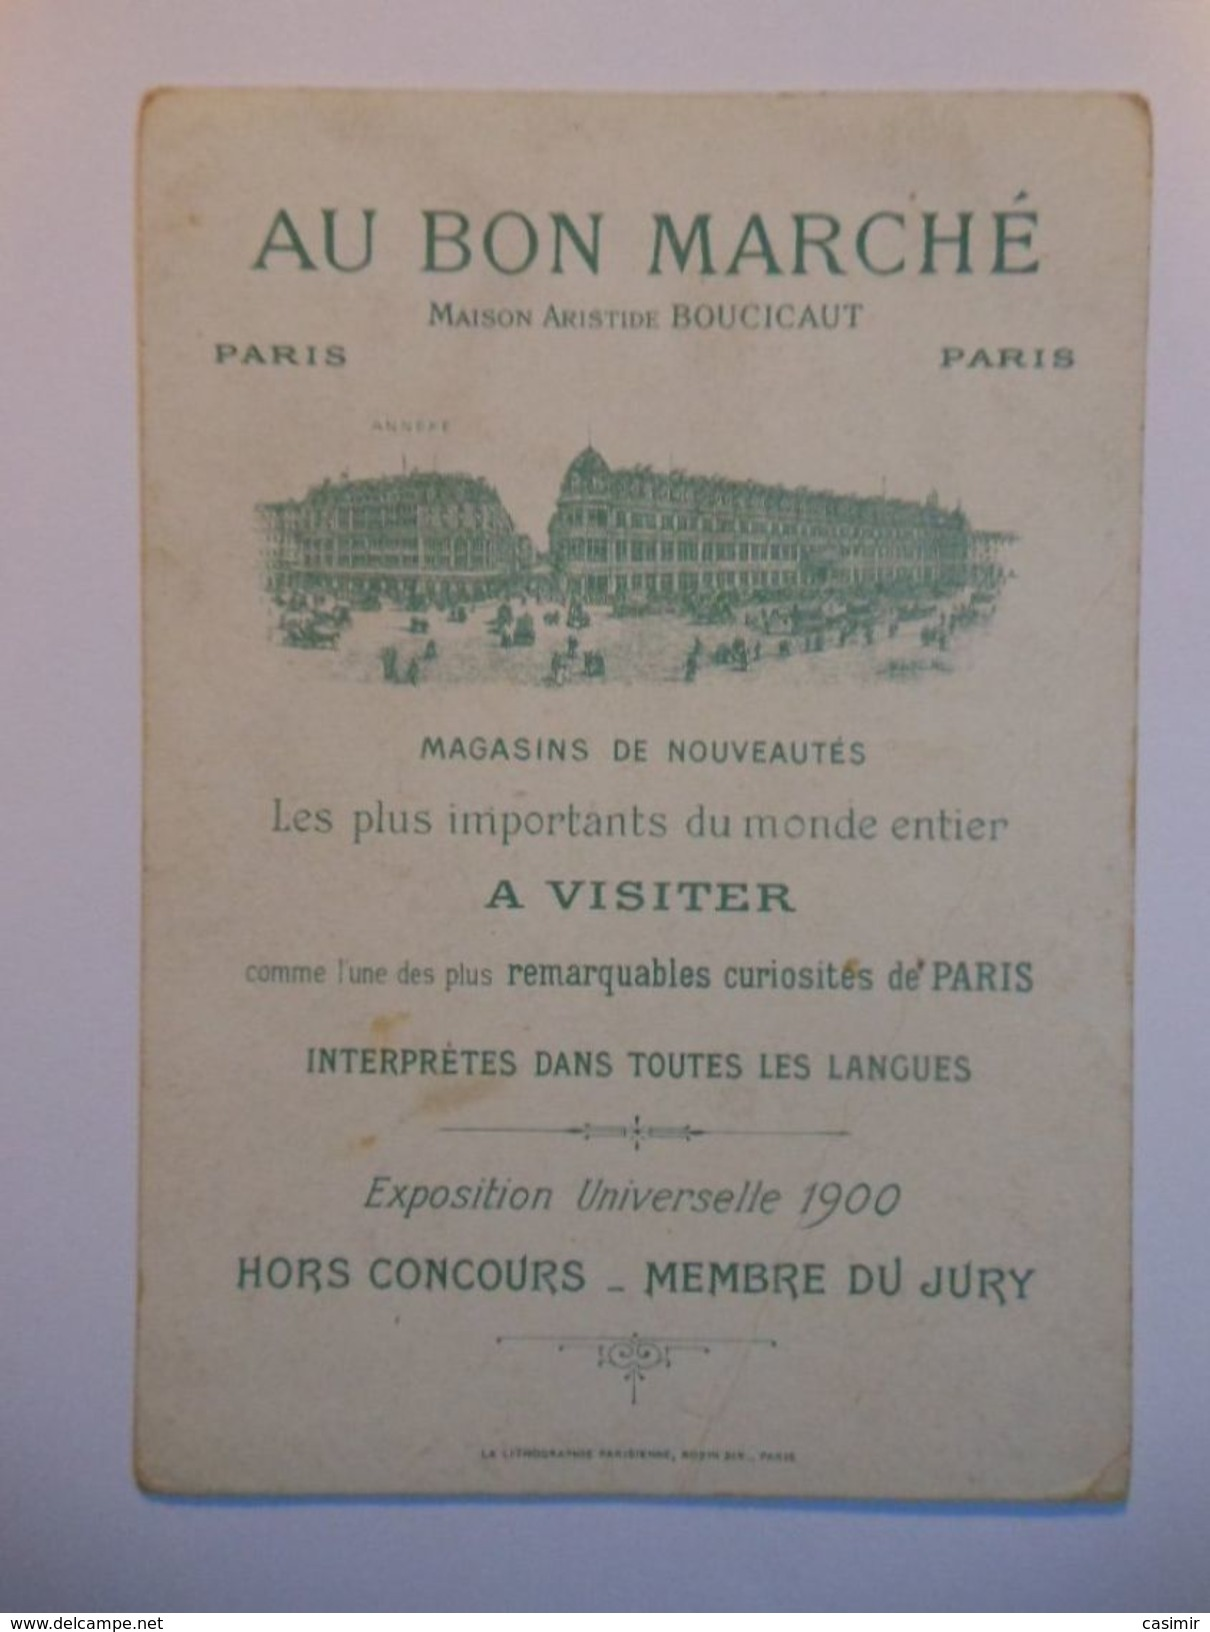 B0053c - Chromo AU BON MARCHE - LA FEE BERLIQUETTE - Vieux Papiers